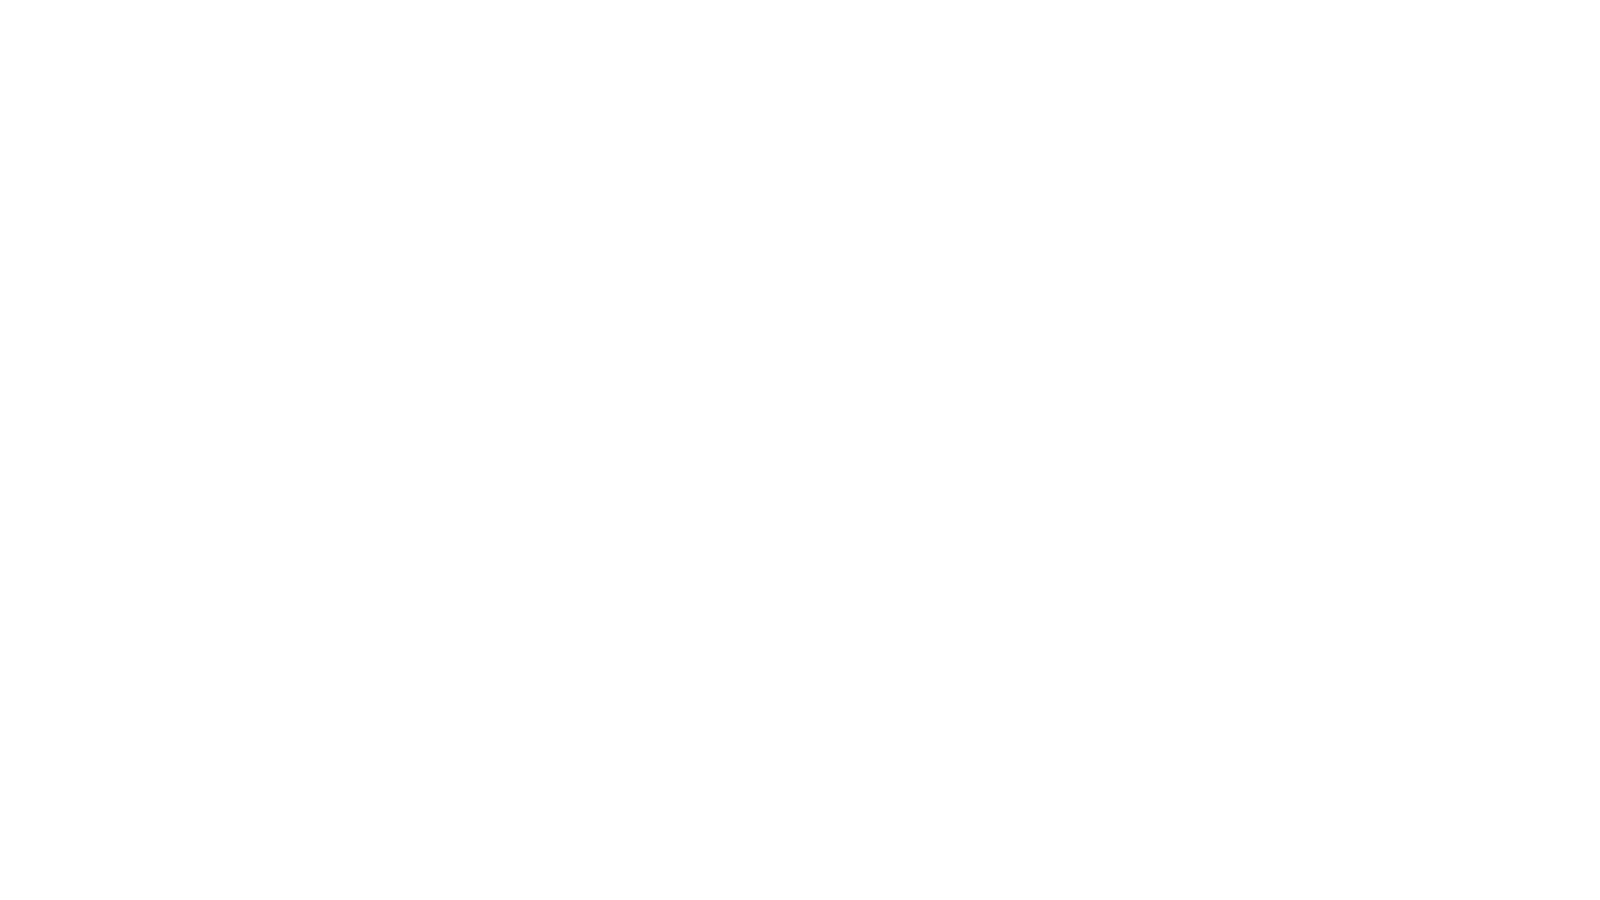 Aprenda como dobrar as calças de ginástica de forma que favorece a organização do guarda roupa, deixa todas as suas peças visíveis e ainda otimiza o espaço de armazenamento, seja na gaveta ou na prateleira.    ==========================================================  Luciana Silveira é Personal Organizer especialista em organização residencial.  Fundadora da L'Harmonia Organização e Bem Estar.  Atua com consultoria e execução de projetos de organização, e harmonização de ambientes por meio do Feng Shui.    Ajuda pessoas a se livrarem da bagunça e organizarem a casa de forma prática e funcional, gerando assim impactos positivos no bem estar, na sustentabilidade, na qualidade de vida e na economia de tempo e de dinheiro.  É criadora do método organização afetiva e efetiva, um curso online para quem deseja organizar a própria casa.   Aqui no canal da L'Harmonia ensina técnicas de organização, compartilha dicas de organização da casa e da rotina doméstica, e reflexões sobre organização pessoal e produtividade.     Para mais conteúdos de organização inscreva-se no canal da L'Harmonia.  Visite o site: https://lharmonia.com.br/    Conheça o curso online de organização da casa: Organização Afetiva e Efetiva com Luciana Silveira - https://www.hotmart.com/product/organizacao-afetiva-e-efetiva-com-luciana-silveira-personal-organizer/S44265857T    Acompanhe nas redes sociais  Instagram: https://www.instagram.com/lharmonia.lucianasilveira/  Facebook: https://www.facebook.com/lharmonia.lucianasilveira/ Pinterest: https://br.pinterest.com/lharmoniaorganizacao/ LinkedIn: https://www.linkedin.com/company/l-harmonia-organiza%C3%A7%C3%A3o-e-bem-estar-por-luciana-silveira/